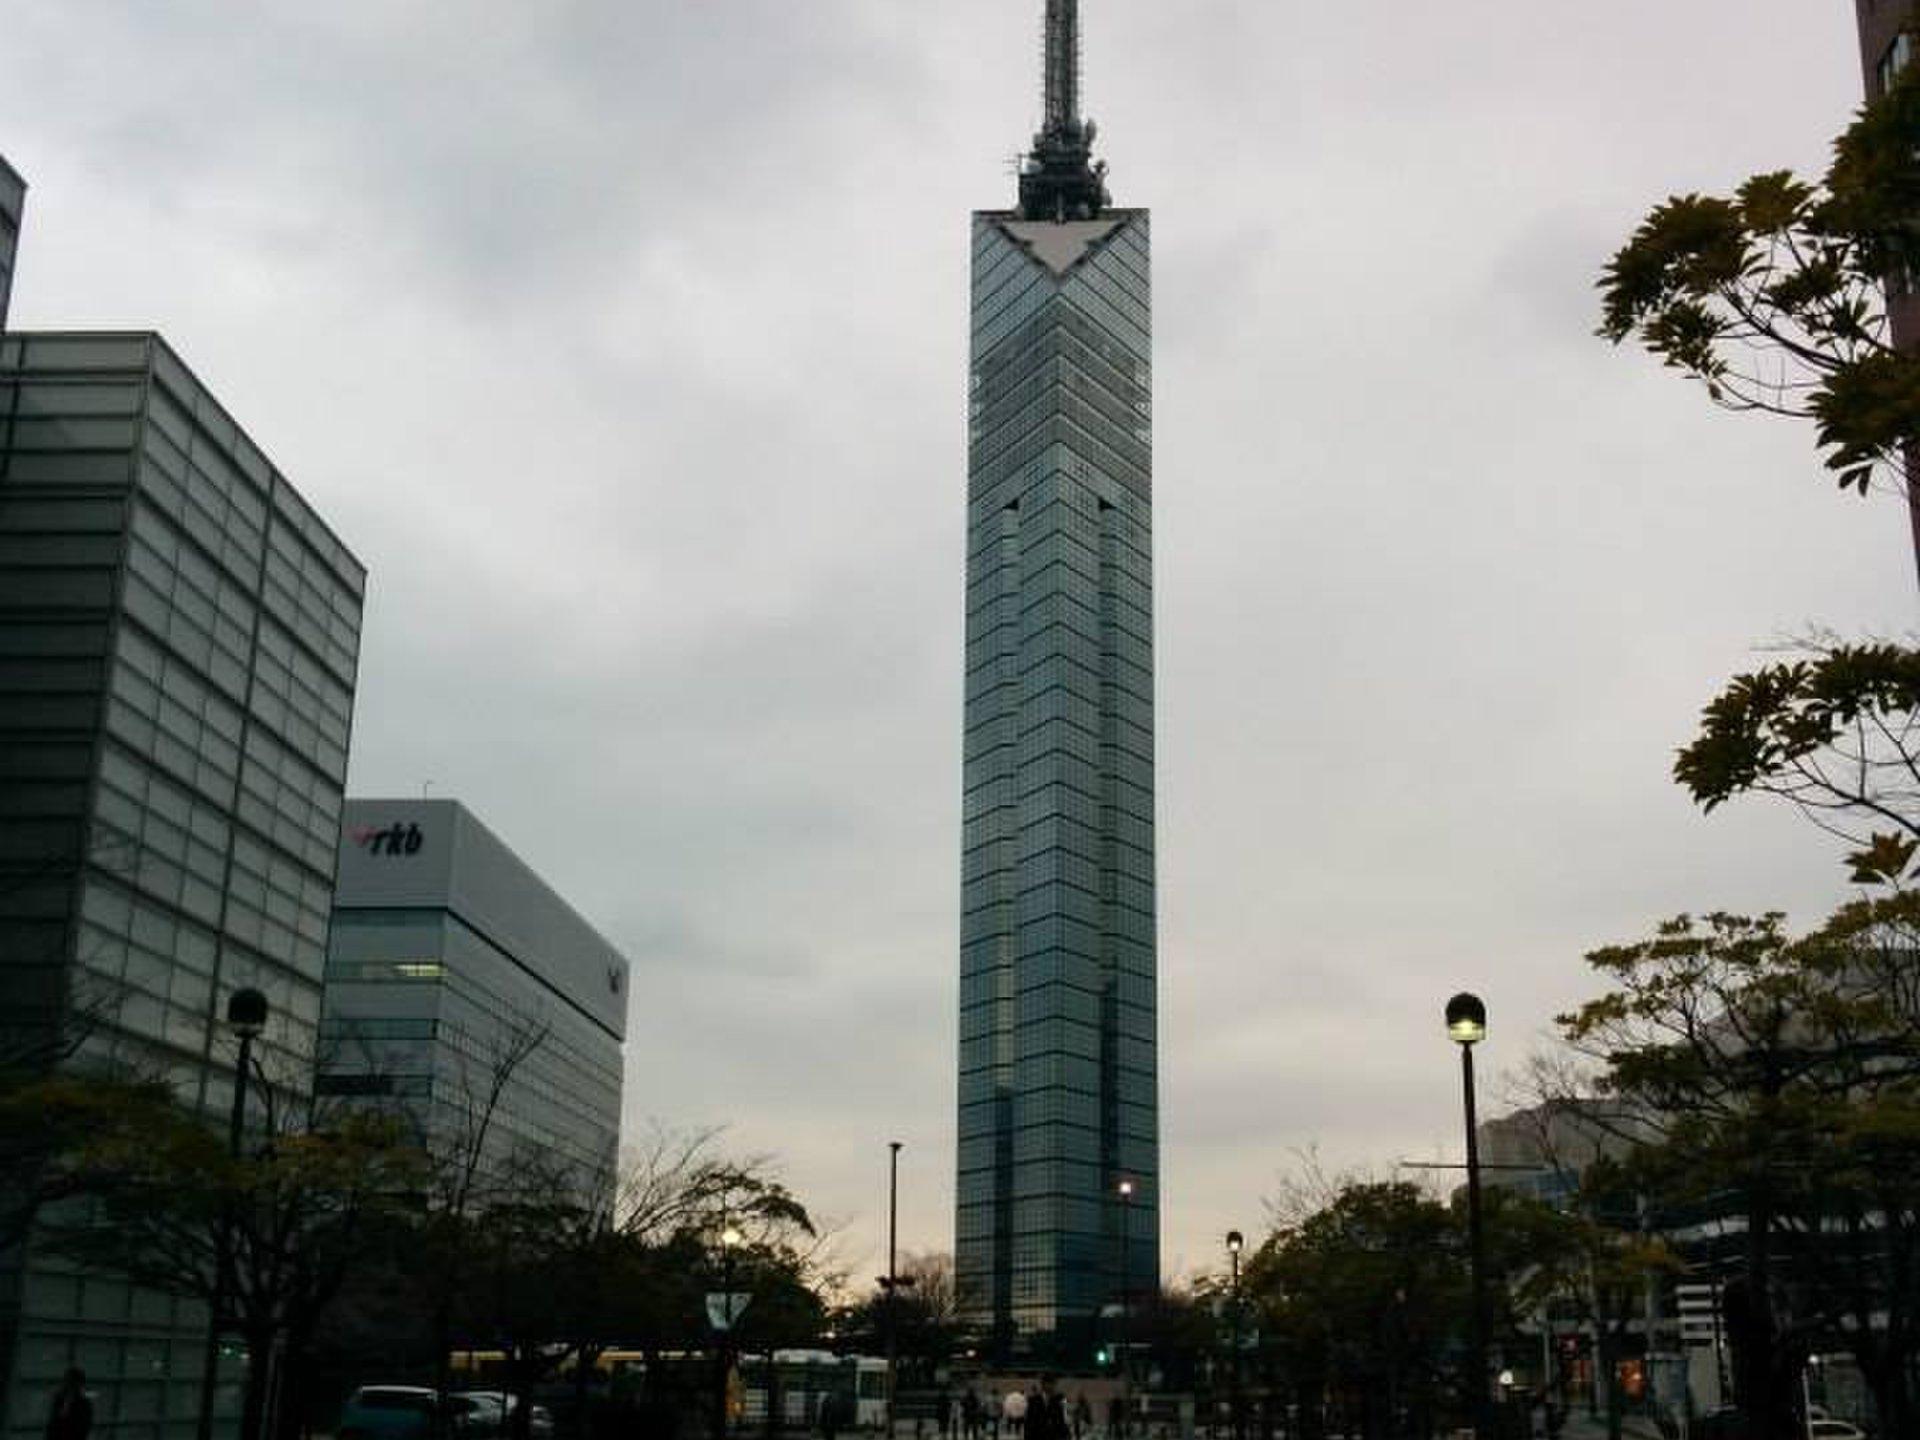 【福岡の観光スポット3選】長寿のパワースポットや大濠公園、夜景を望める福岡タワーで最高の旅!